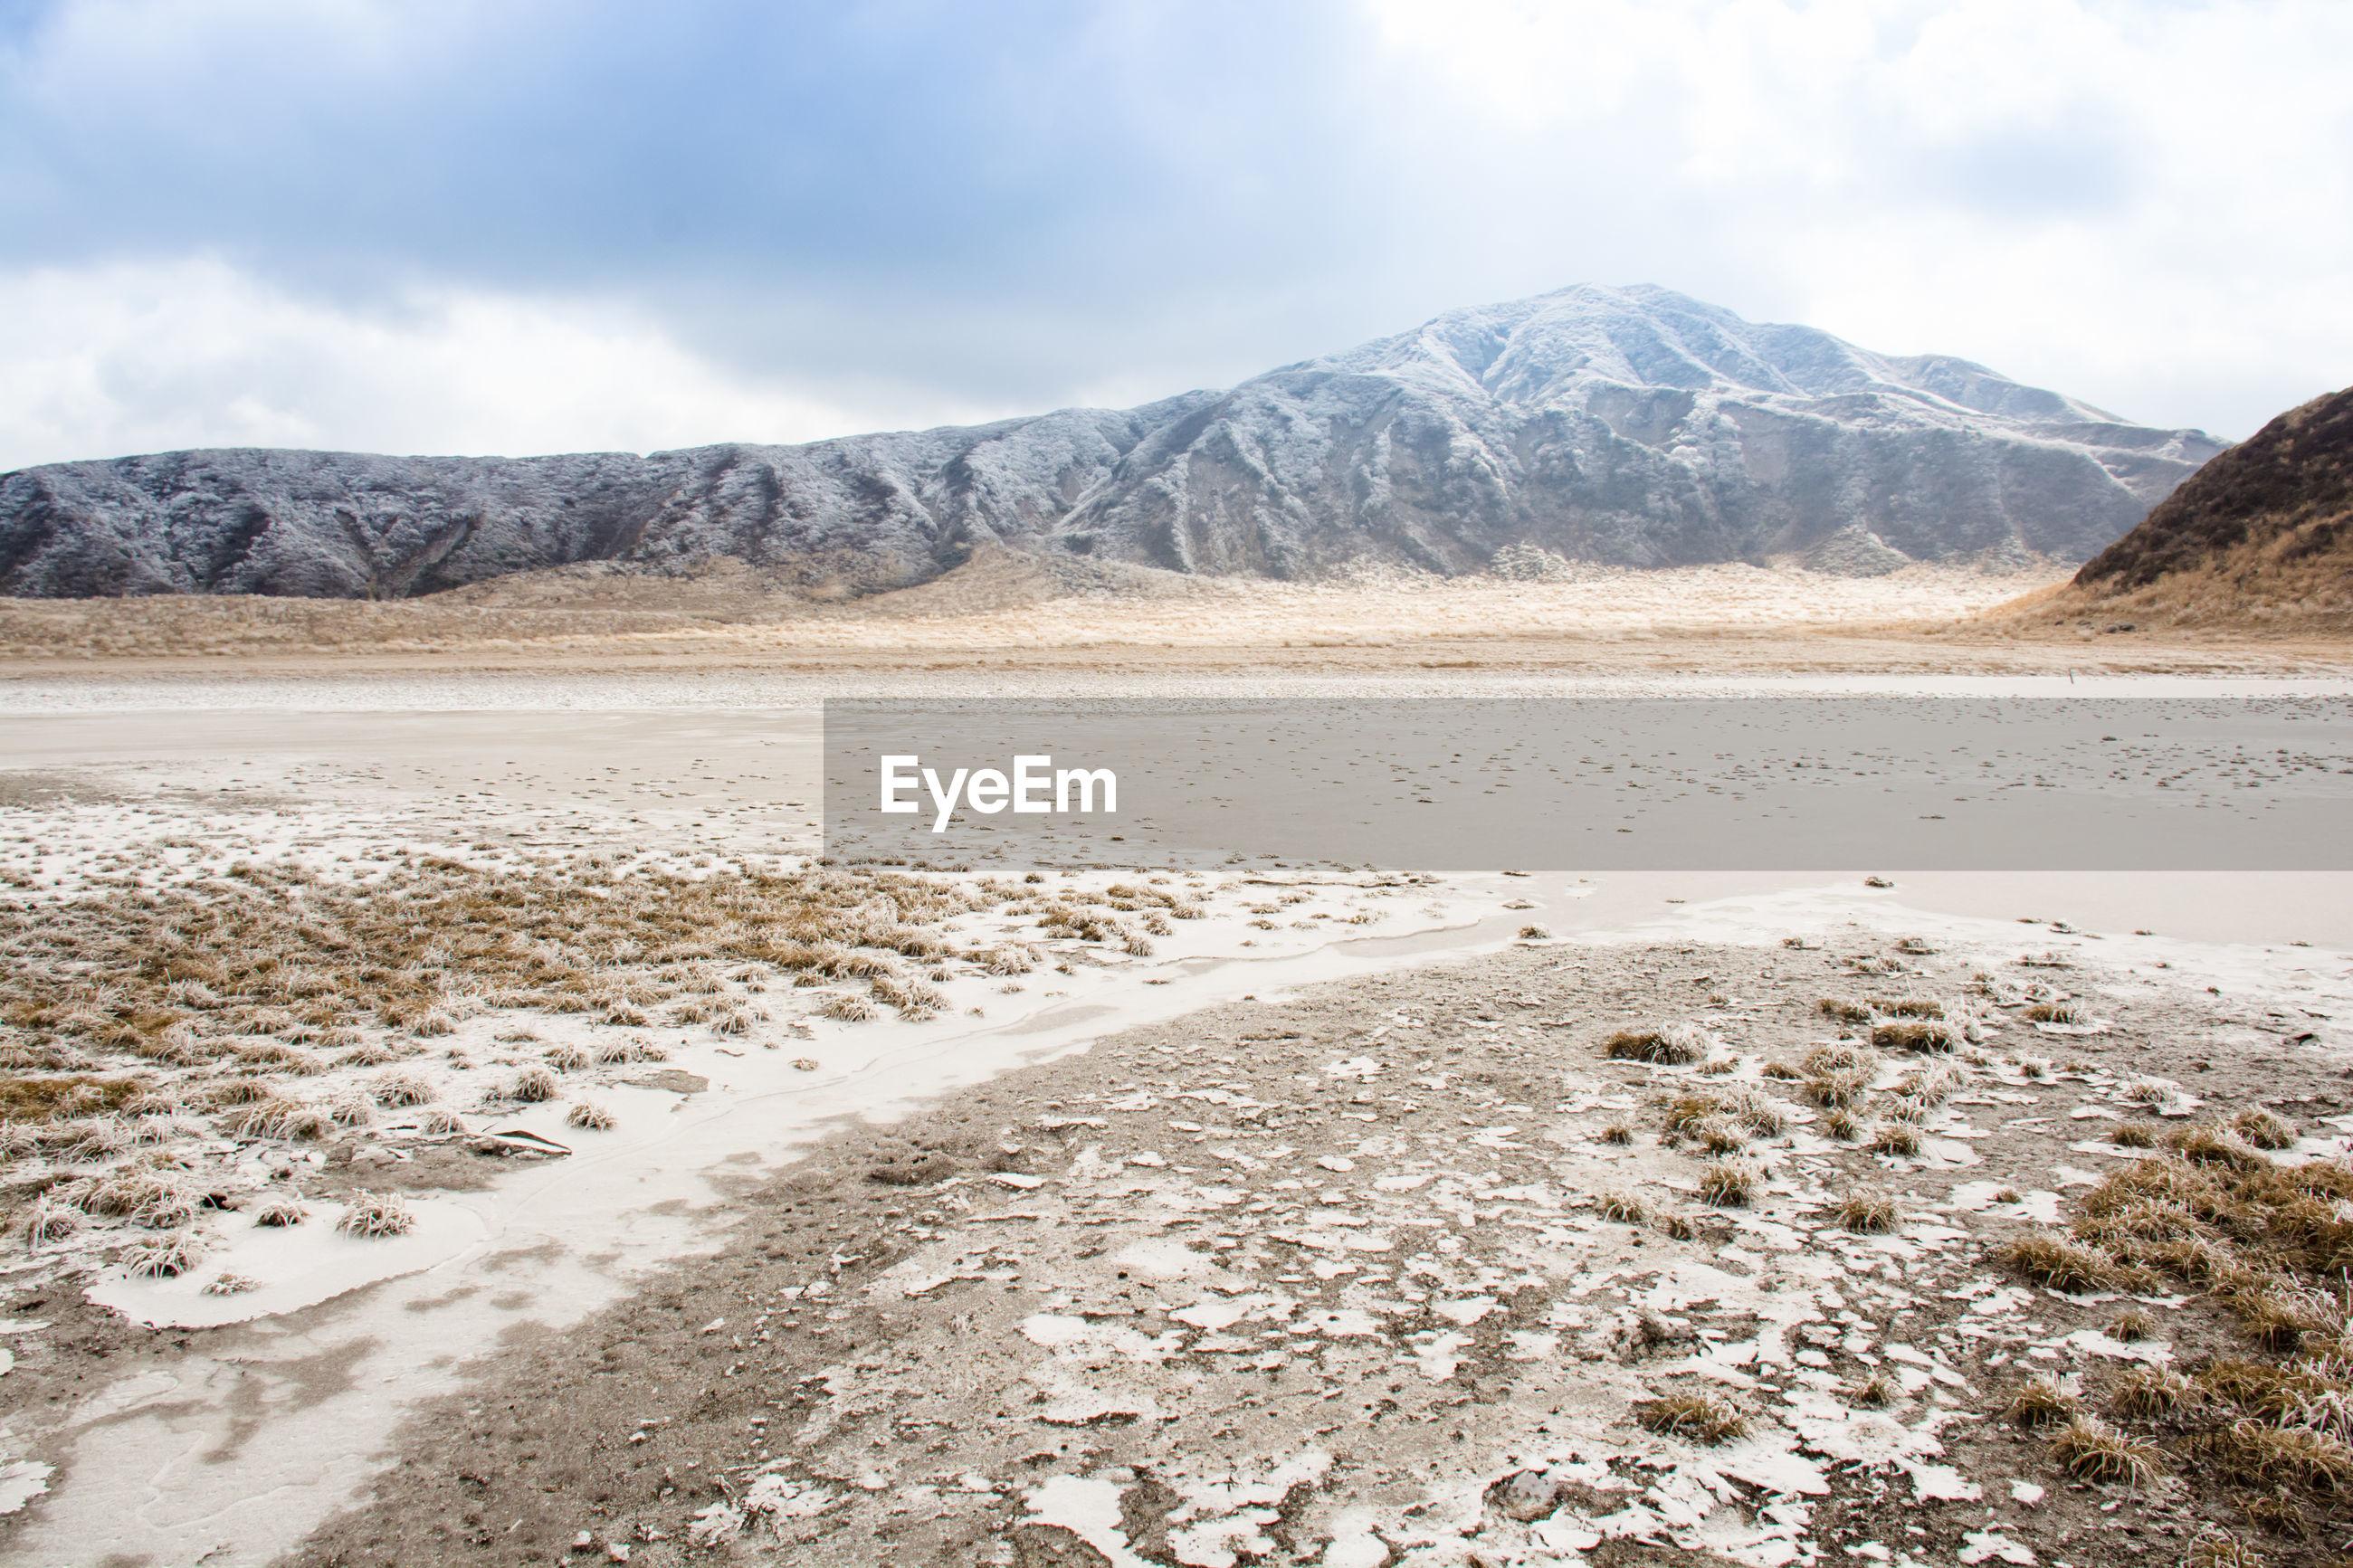 SURFACE LEVEL OF DESERT AGAINST MOUNTAIN RANGE